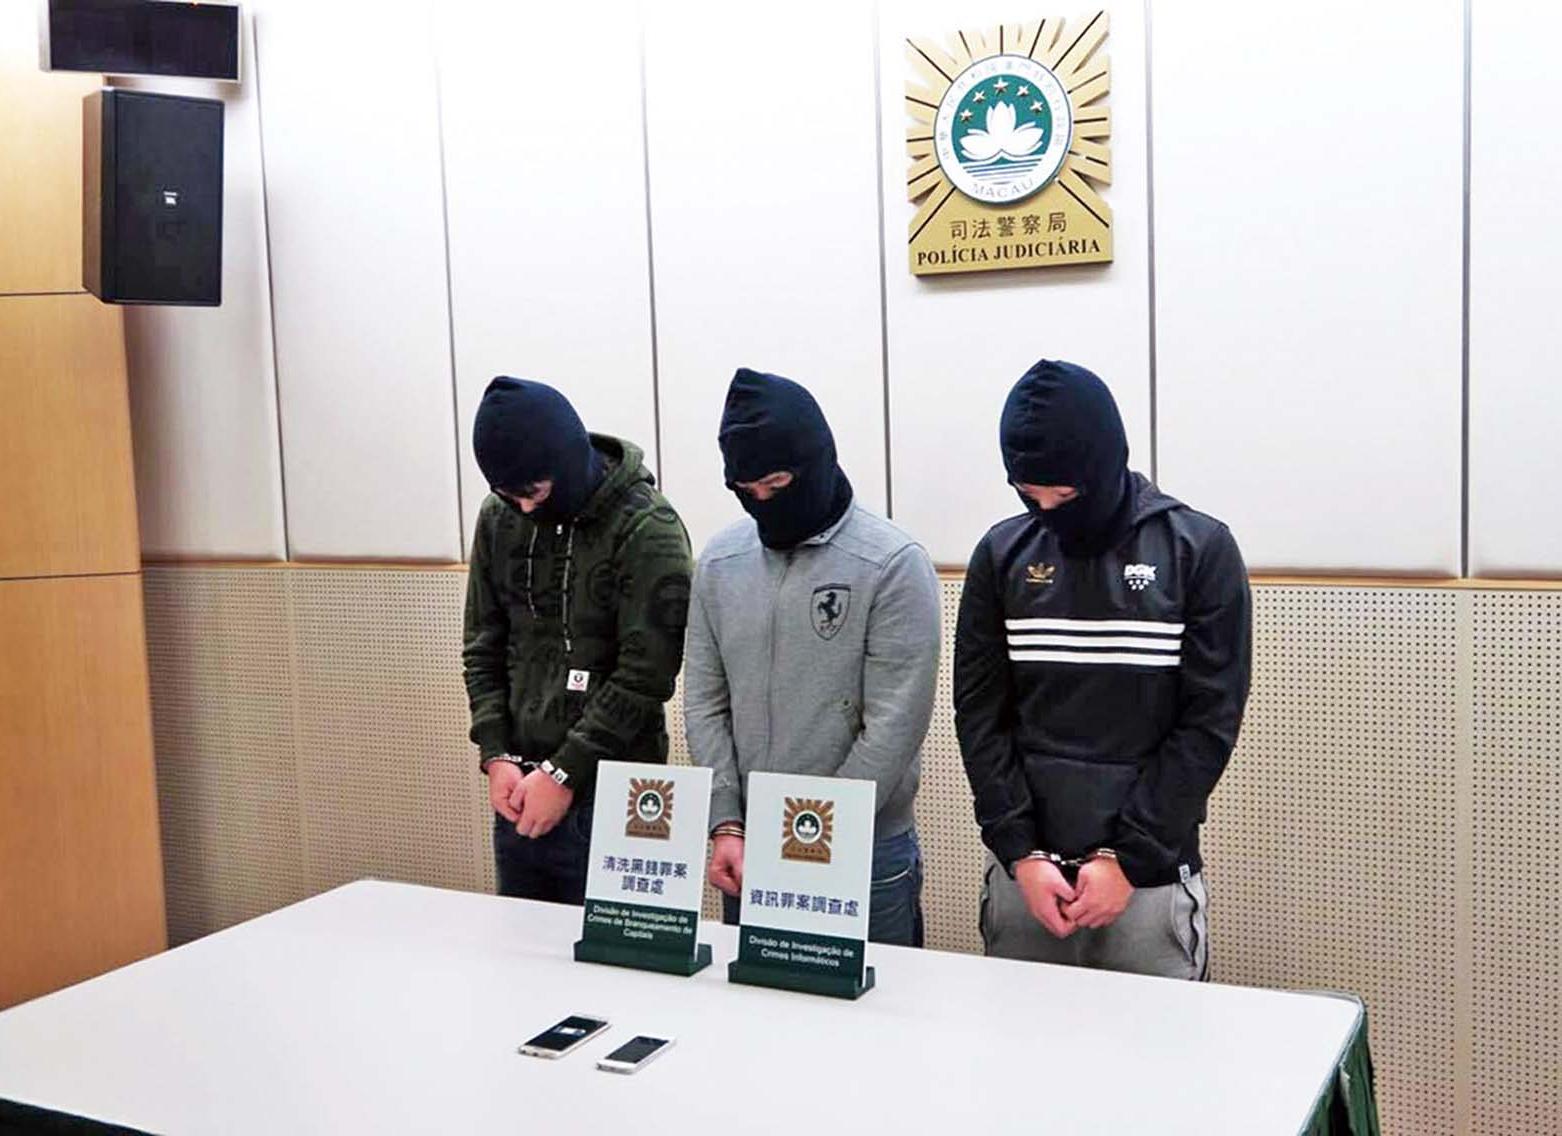 三男子涉洗黑錢被捕